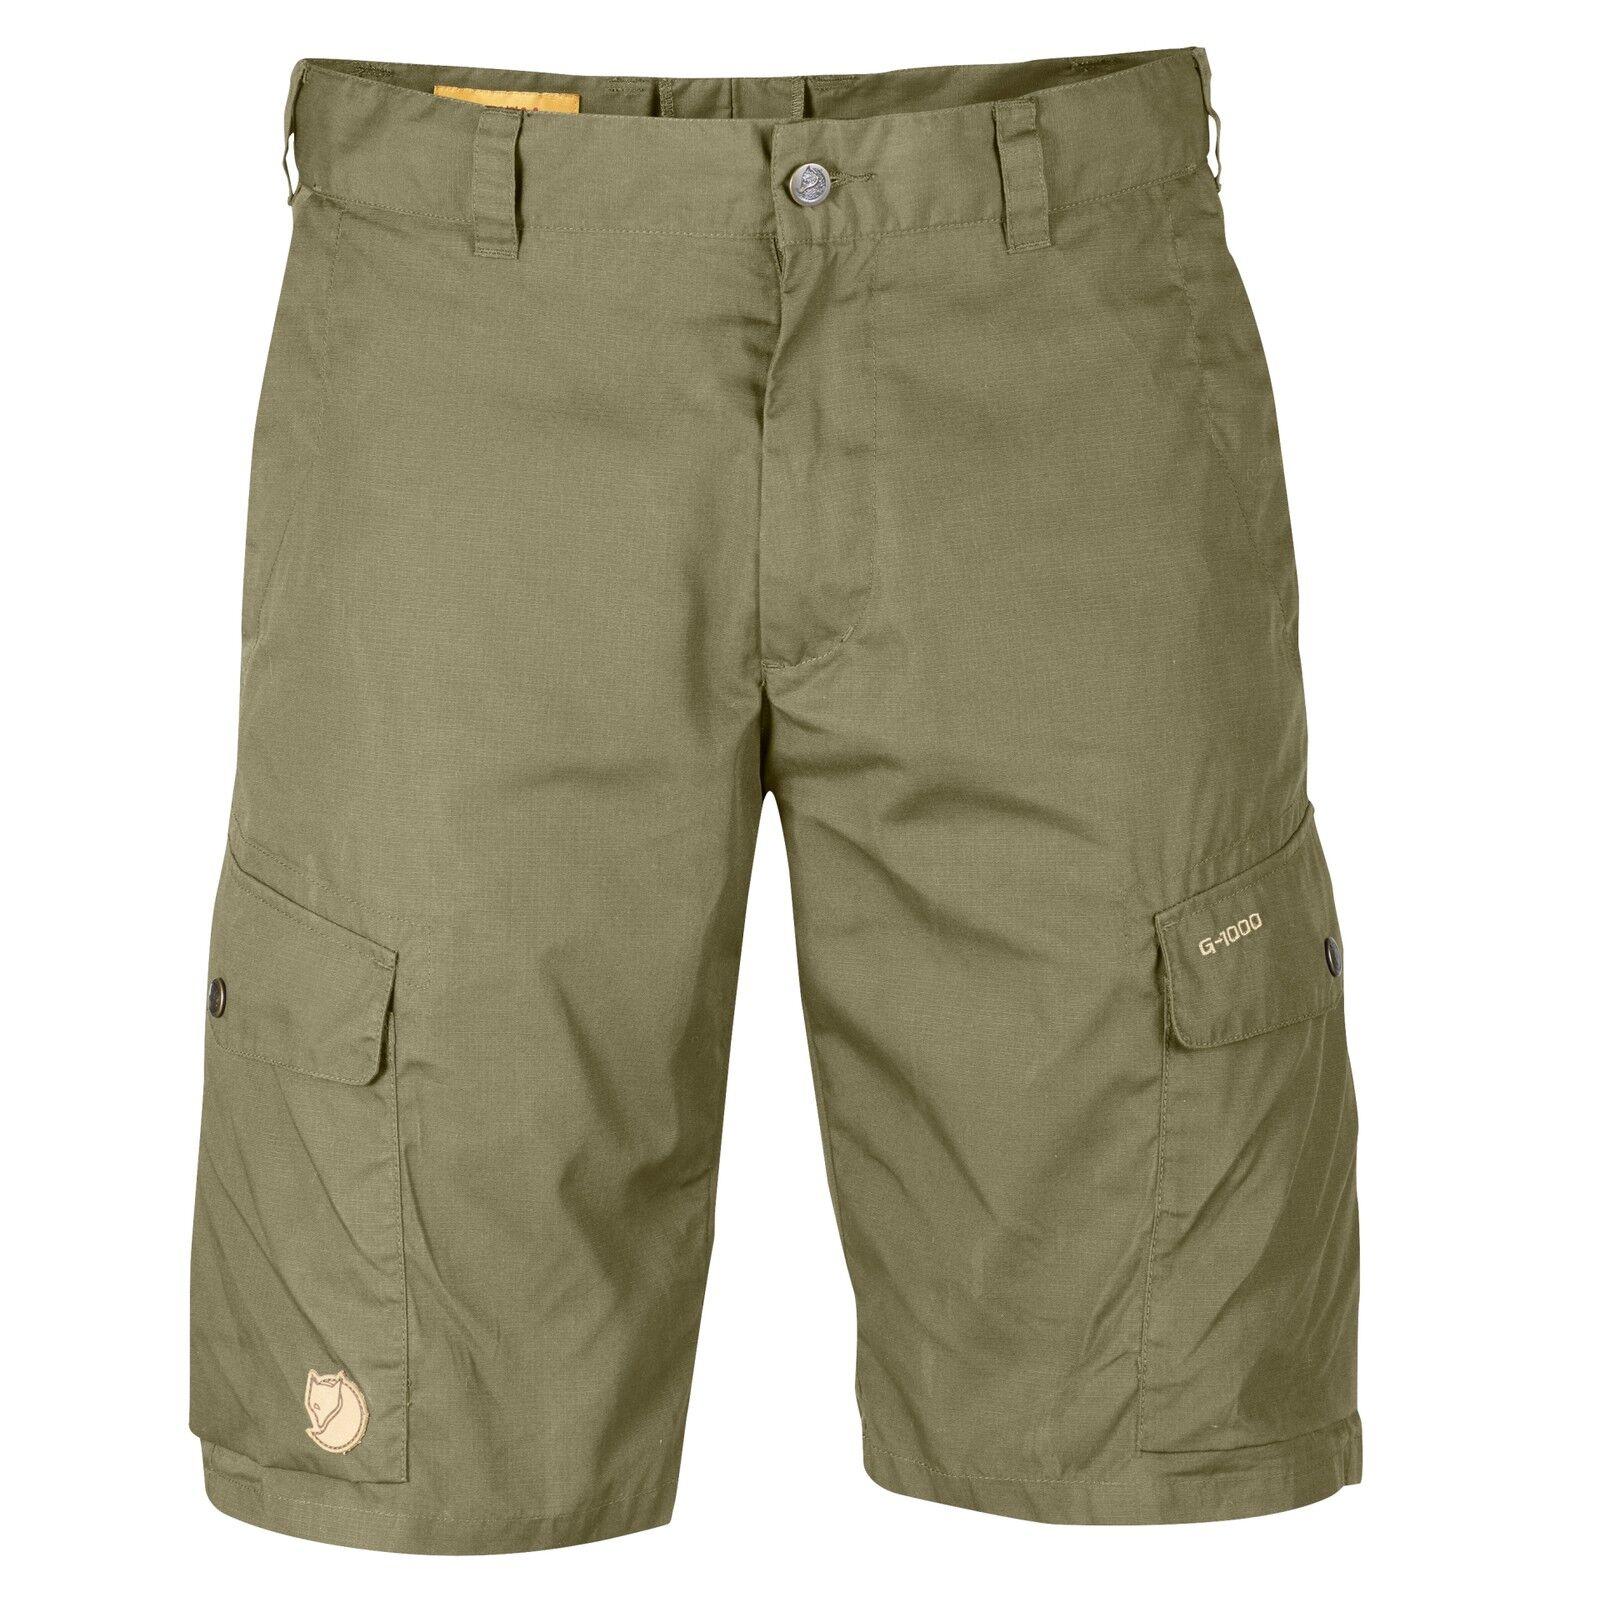 Fjällräven Ruaha Shorts 81188 light khaki G-1000 Lite Shorts Outdoor Sommerhose